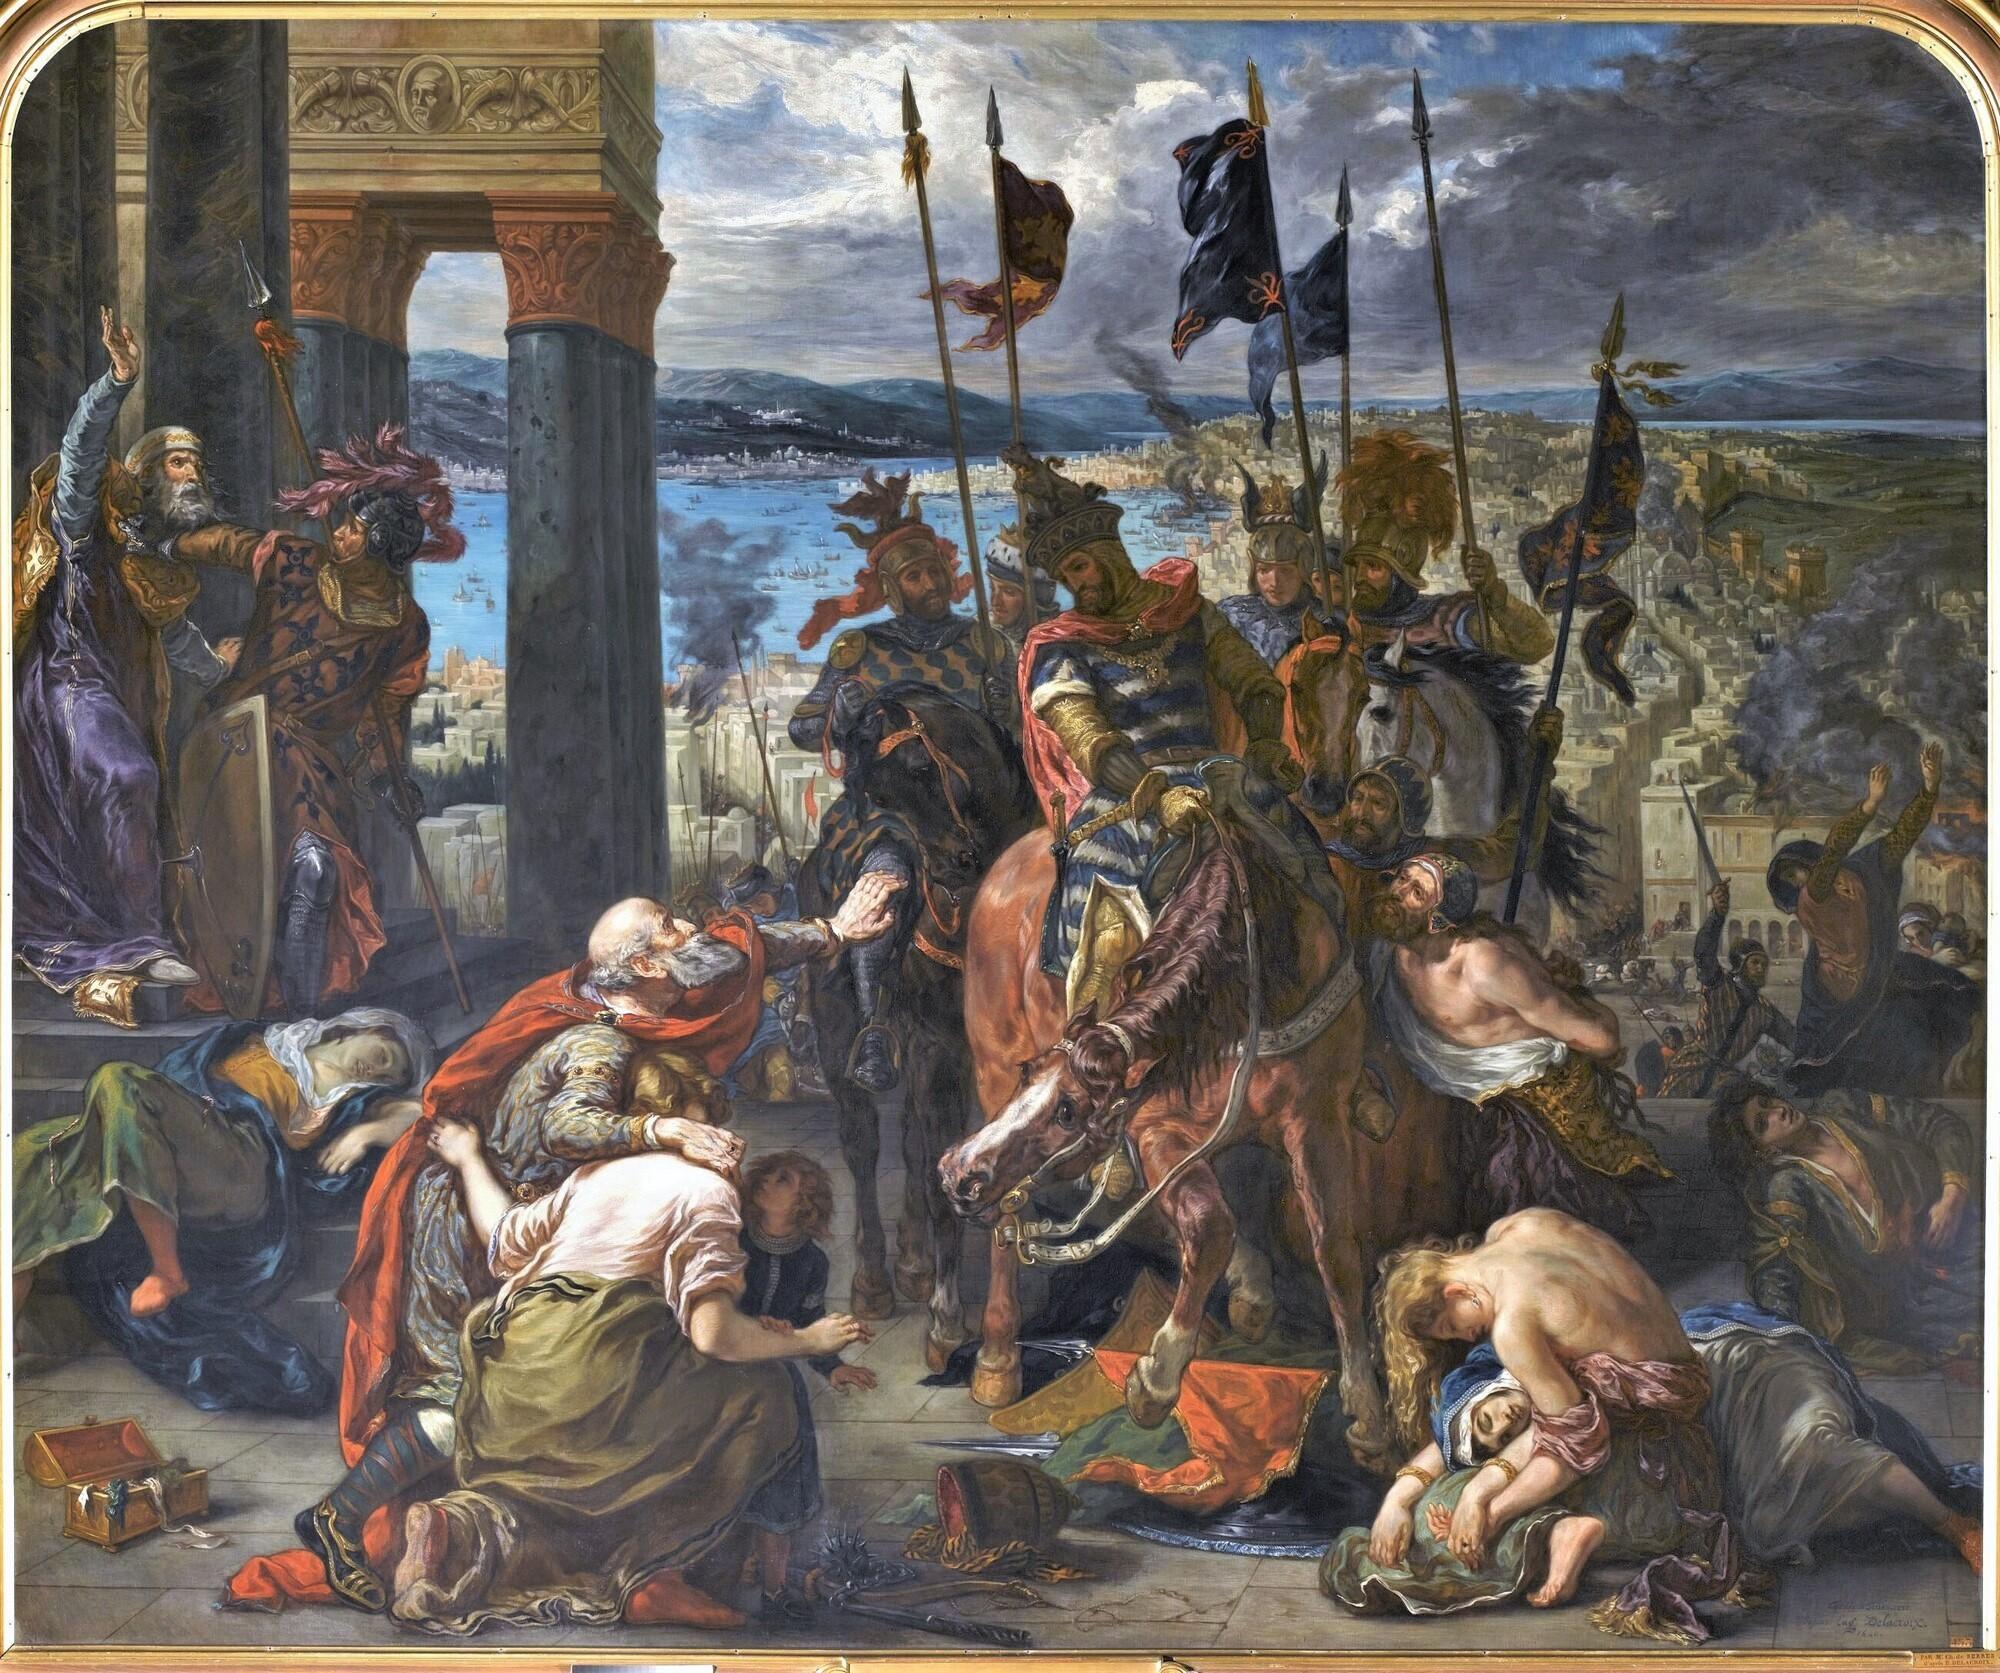 Entrée des Croisés à Constantinople, 12 avril 1204. Peintre : Henri-Charles de Serres, d'après Ferdinand-Victor-Eugène Delacroix.